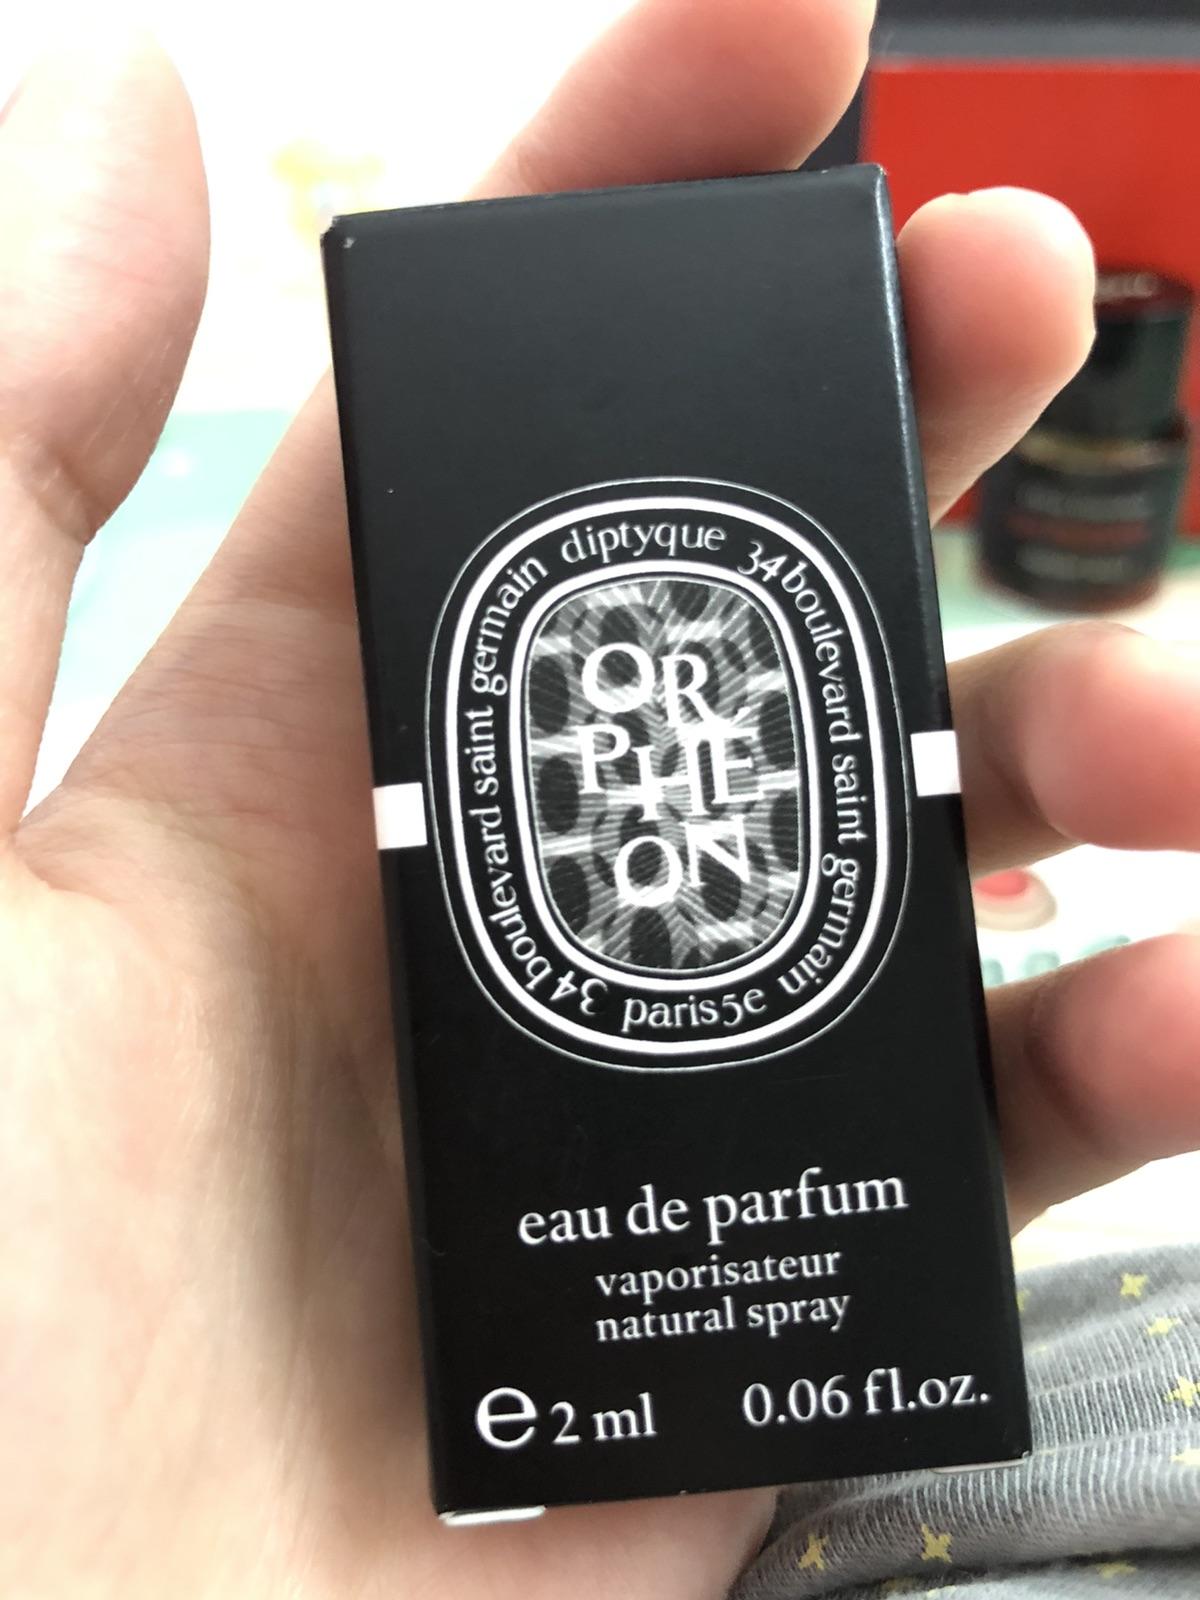 这个好像是Diptyque的新香??